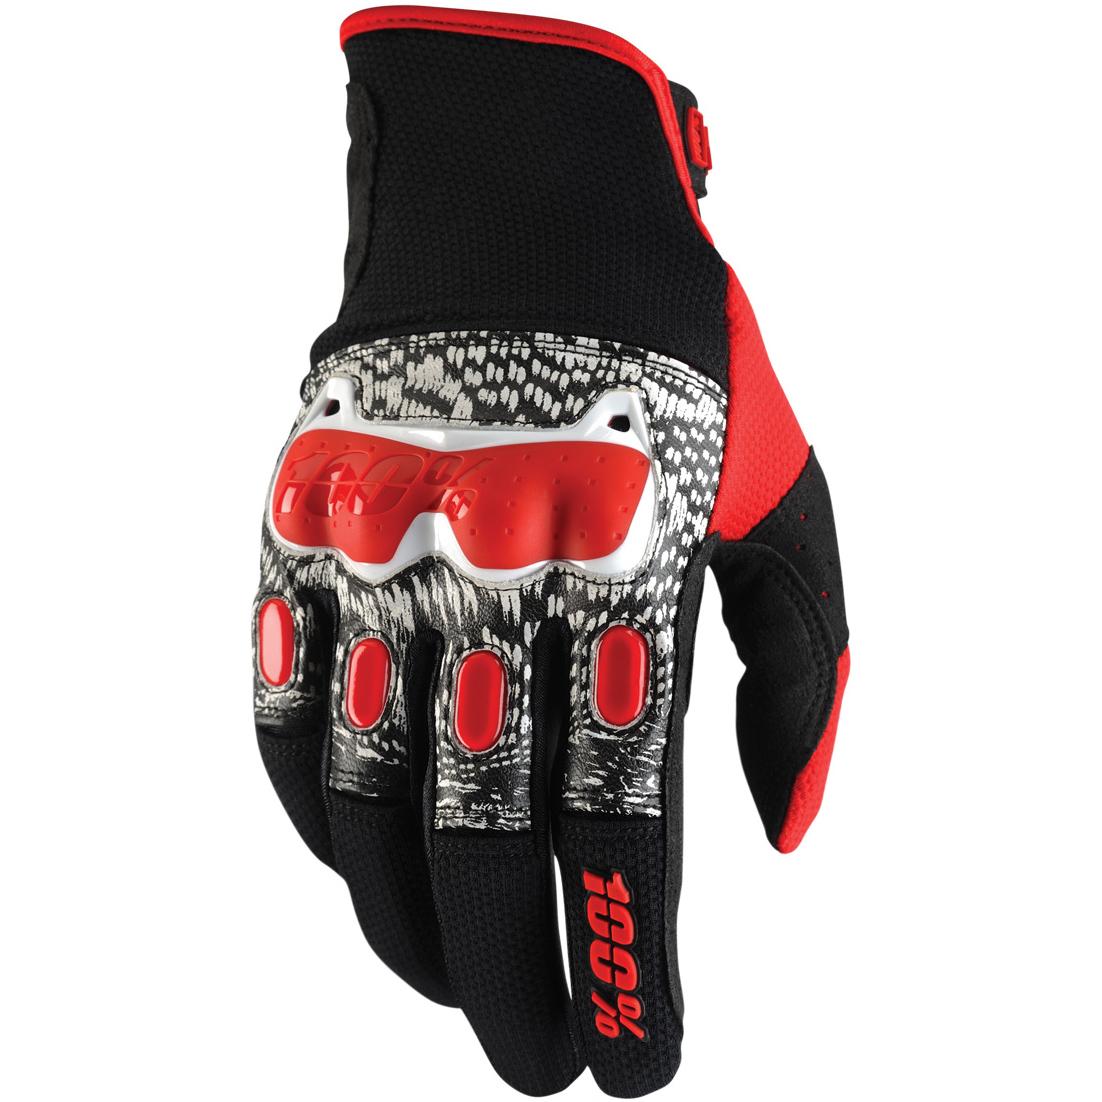 100% - Derestricted Black/White/Red перчатки, черно-бело-красные